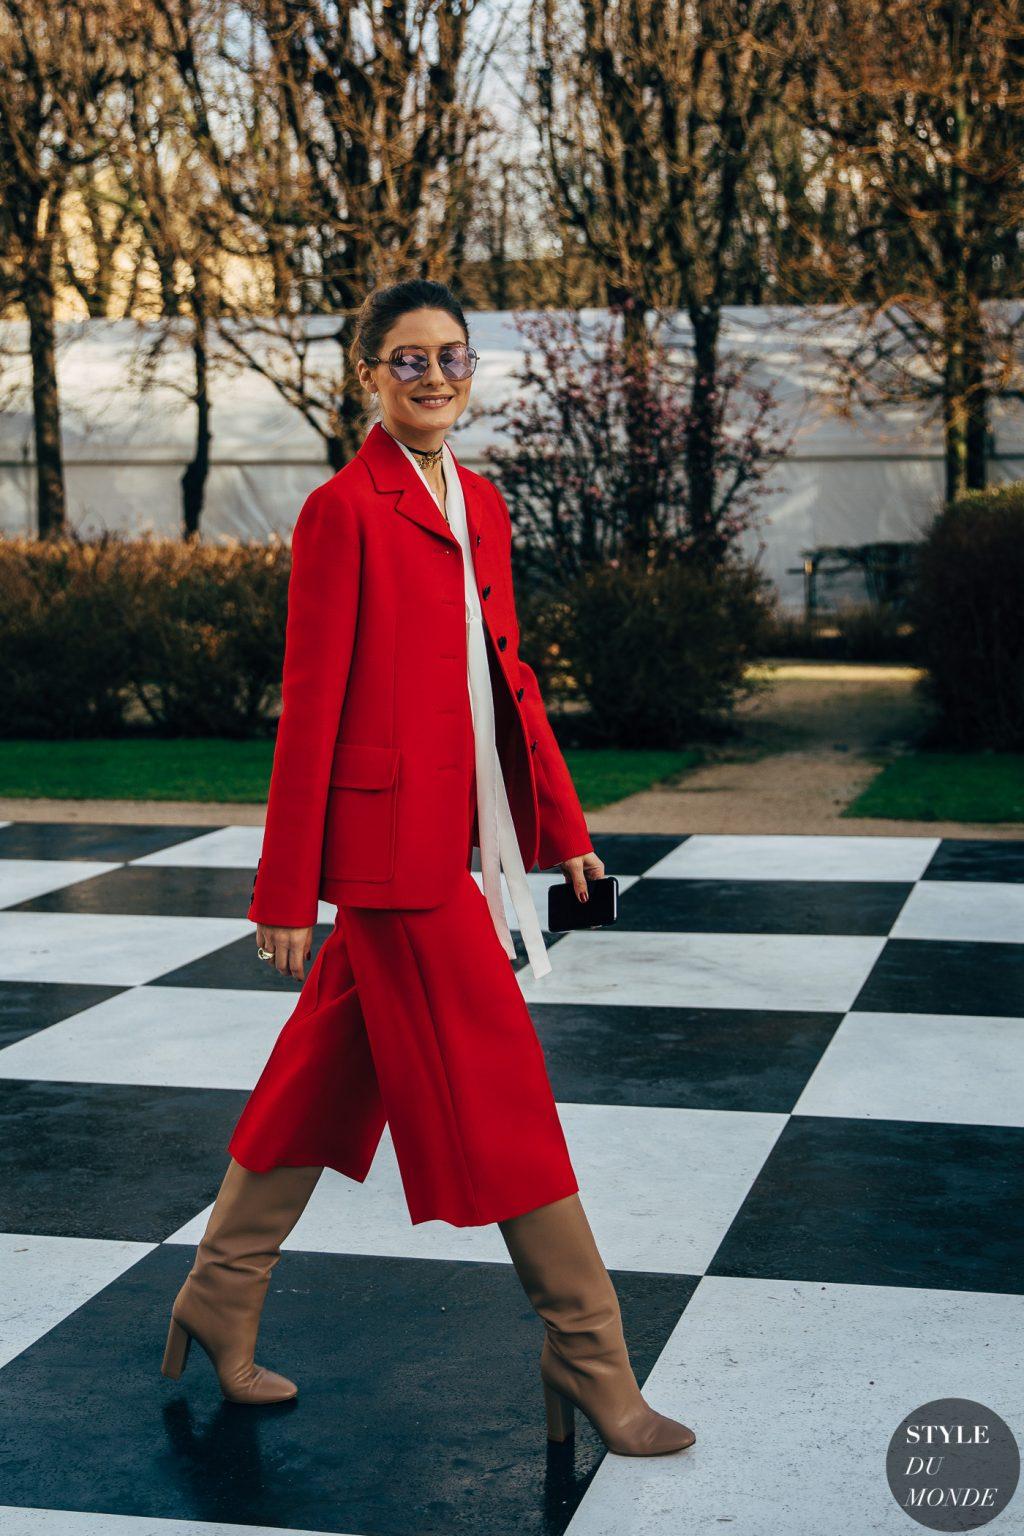 tín đồ thời trang Olivia Palermo diện blazer, quần cullotes đỏ